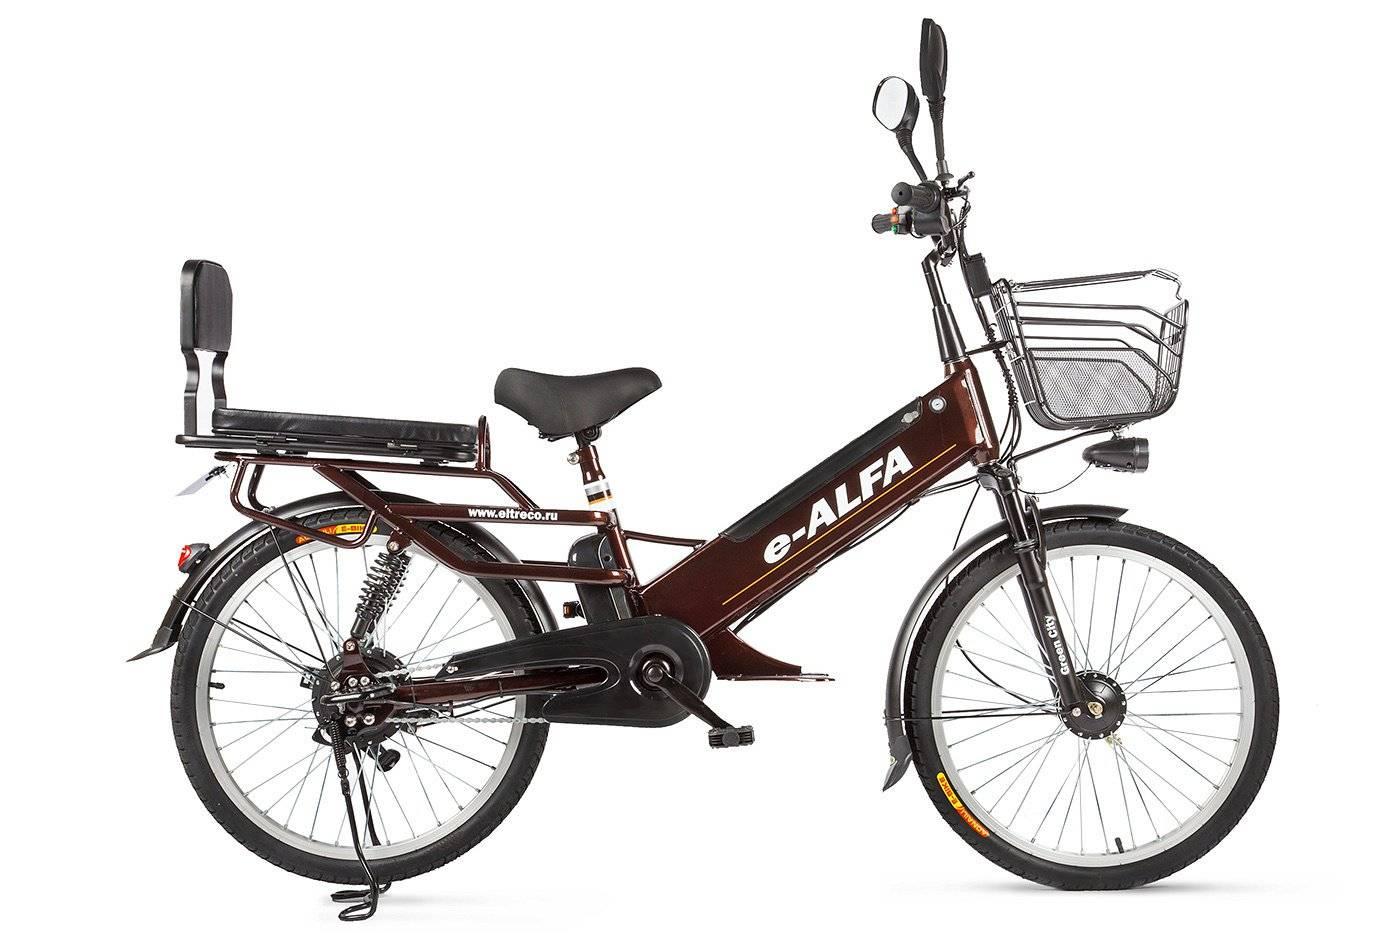 Велогибрид Eltreco e-ALFA GL 500W, 010824-0248, фото 1